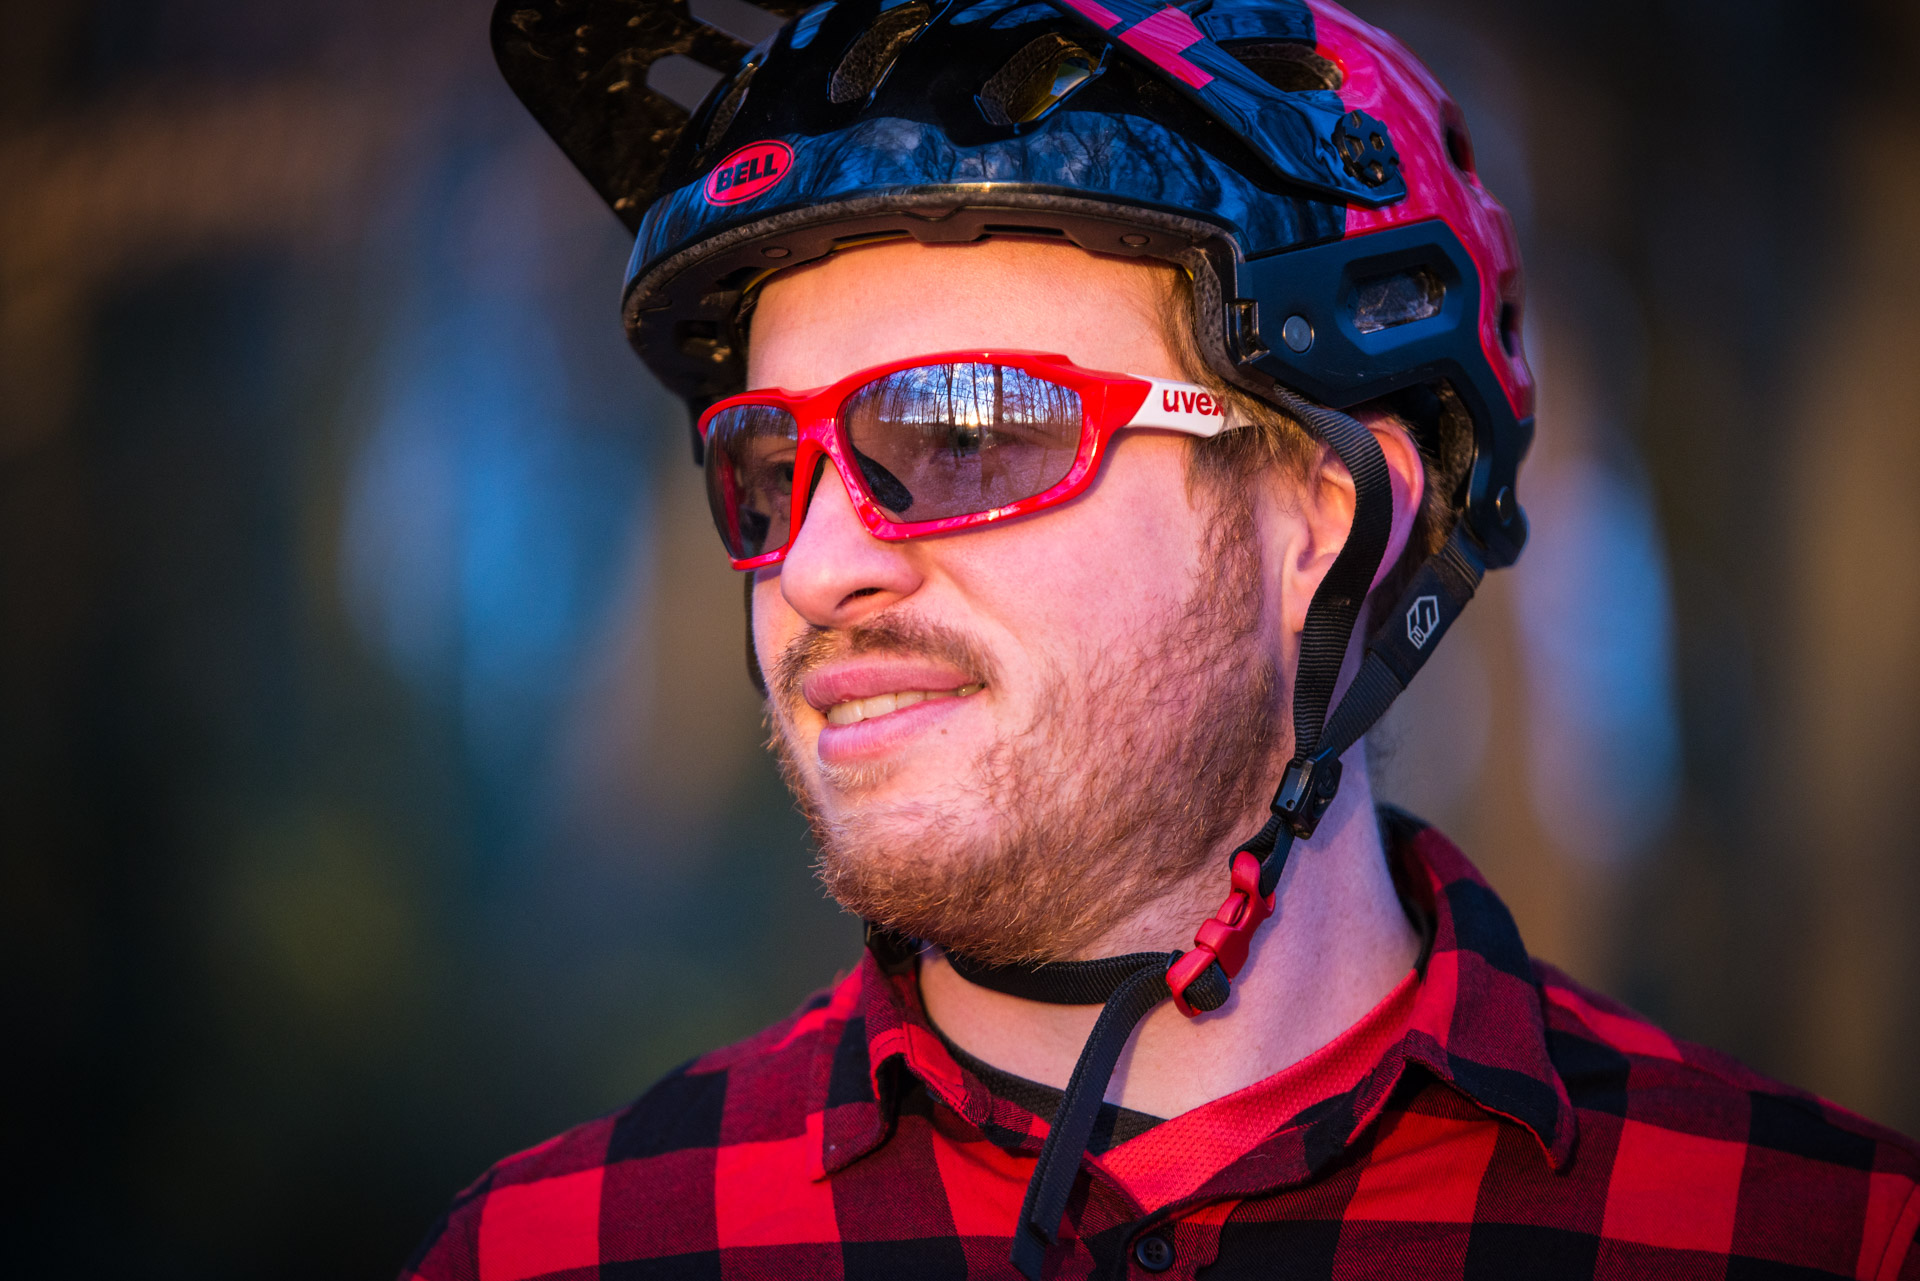 Die Uvex Sportstyle 710 vm Brille kommt mit großen verspiegelten Gläsern und variabler Tönung.